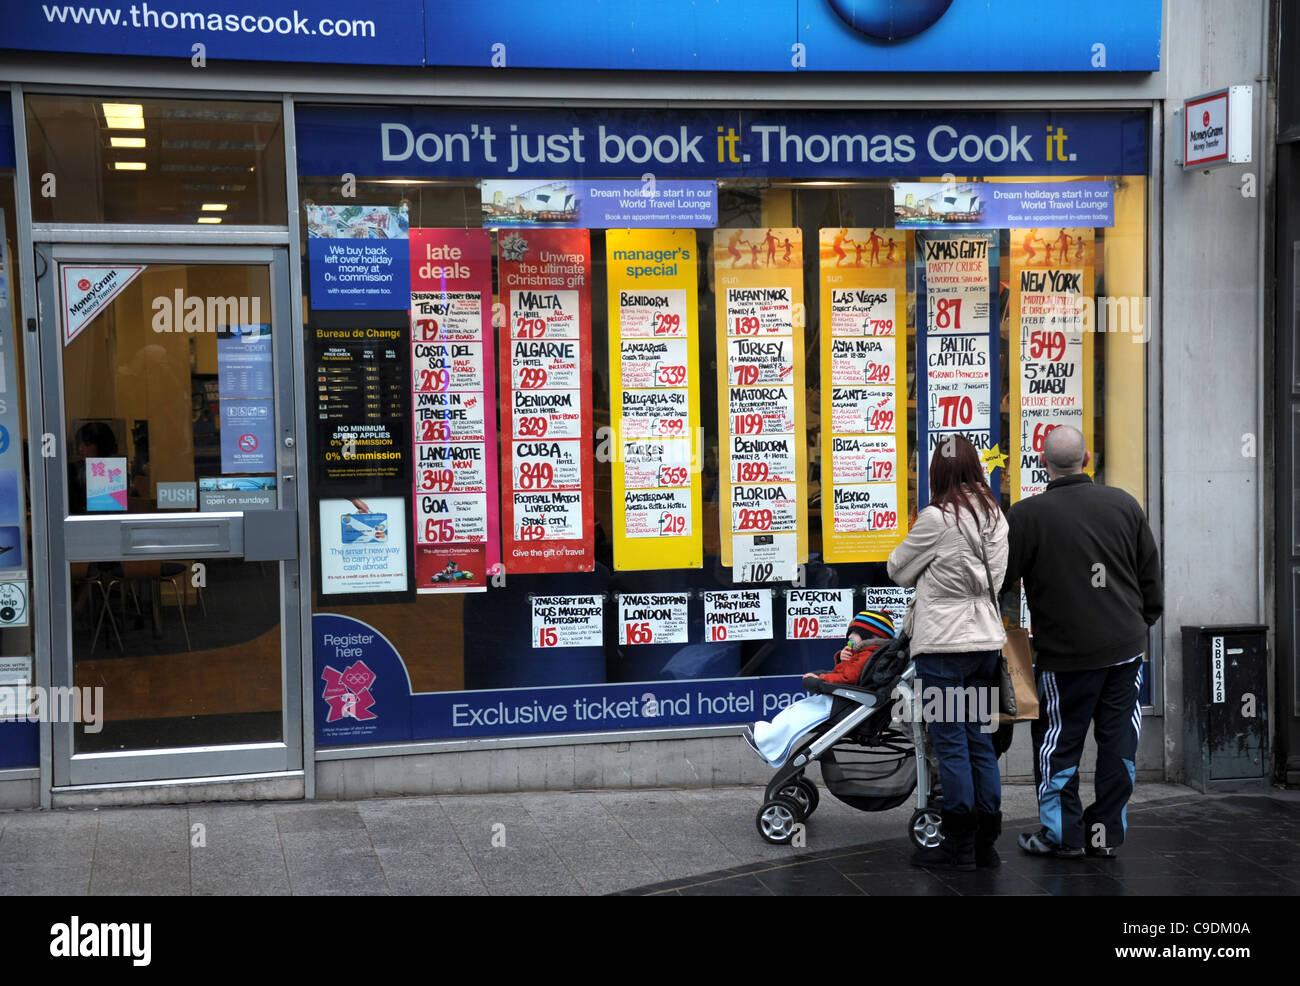 Thomas Cook Reisebüros einkaufen, England, UK Stockbild